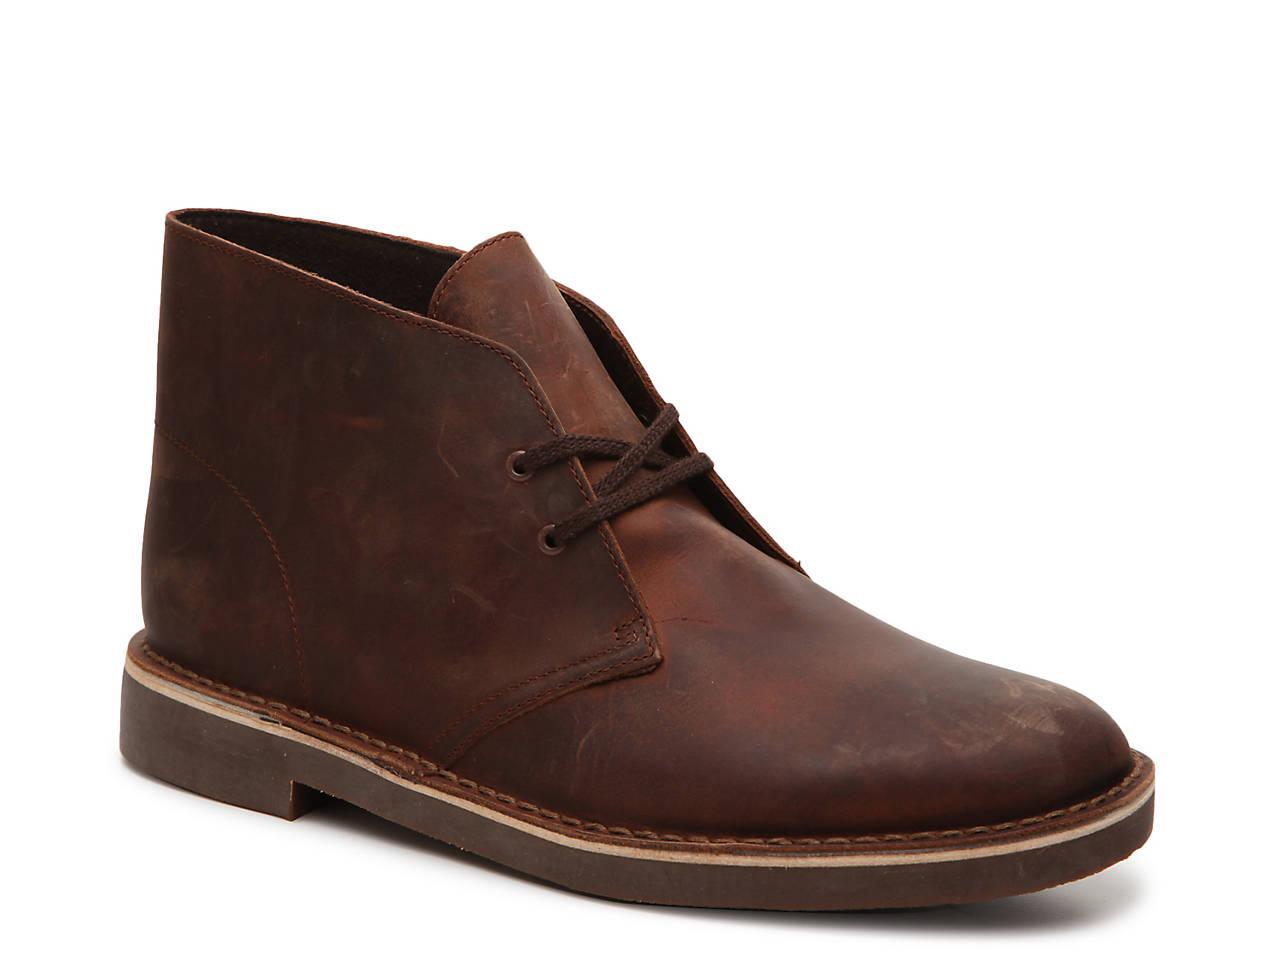 9e939bd8 Clarks Shoes, Sandals, Boots, Flip-Flops & Slip-Ons | DSW